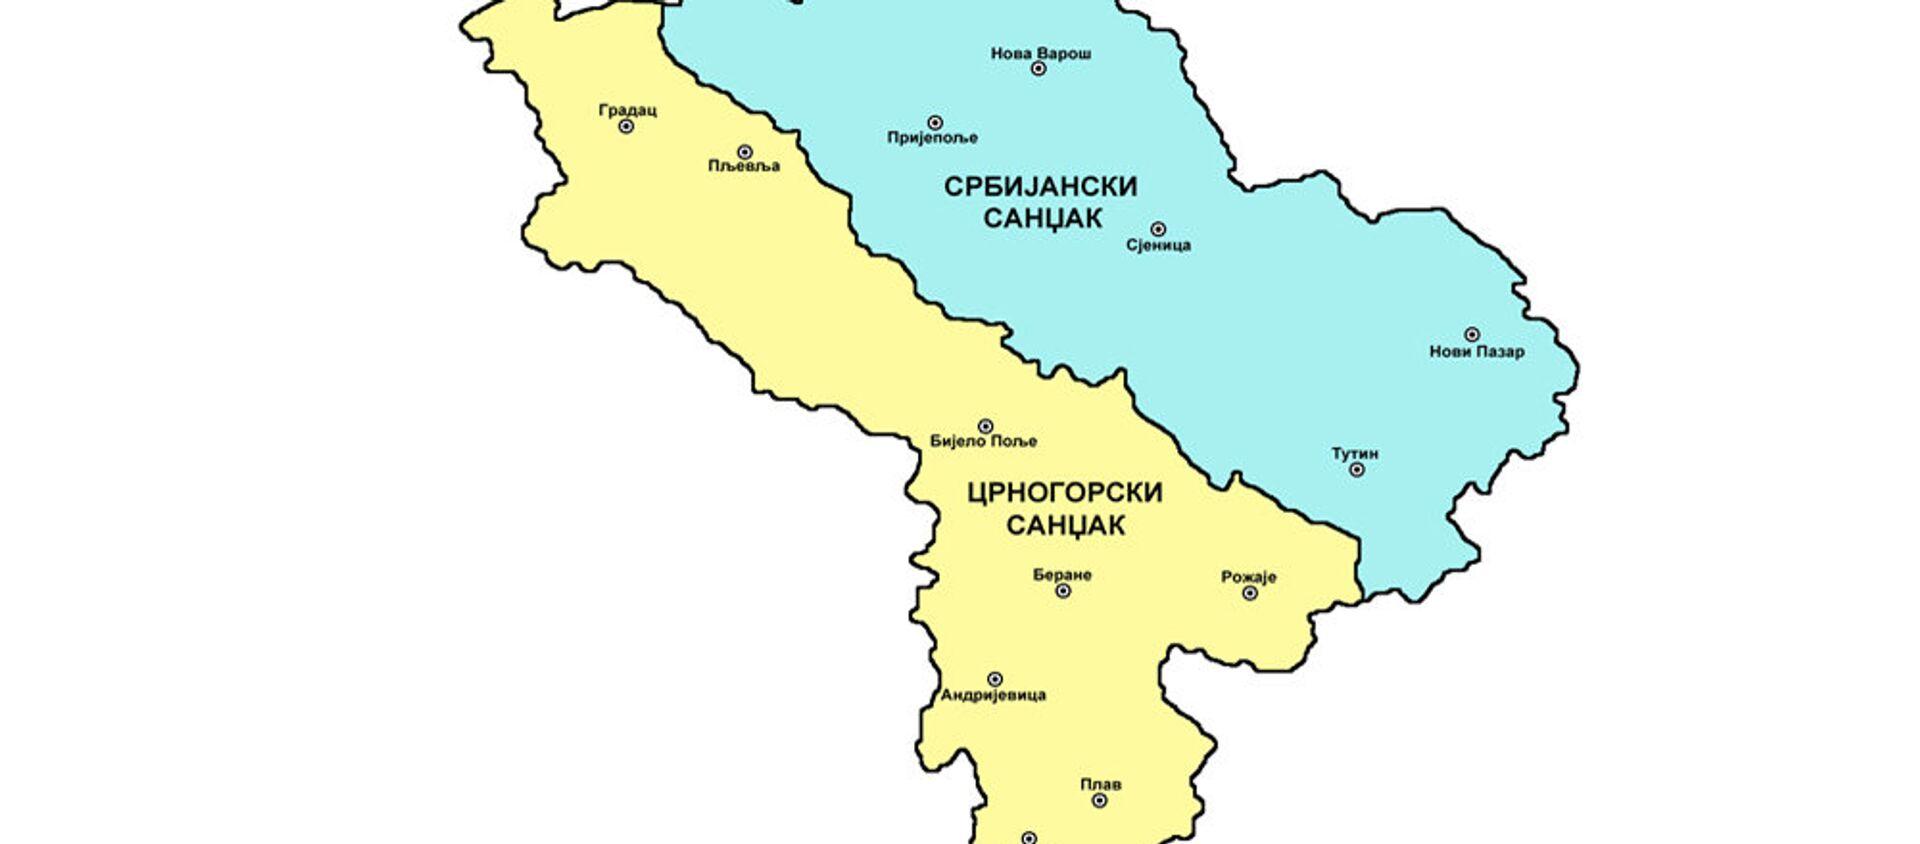 Regija Sandžaka - Sputnik Srbija, 1920, 01.05.2021